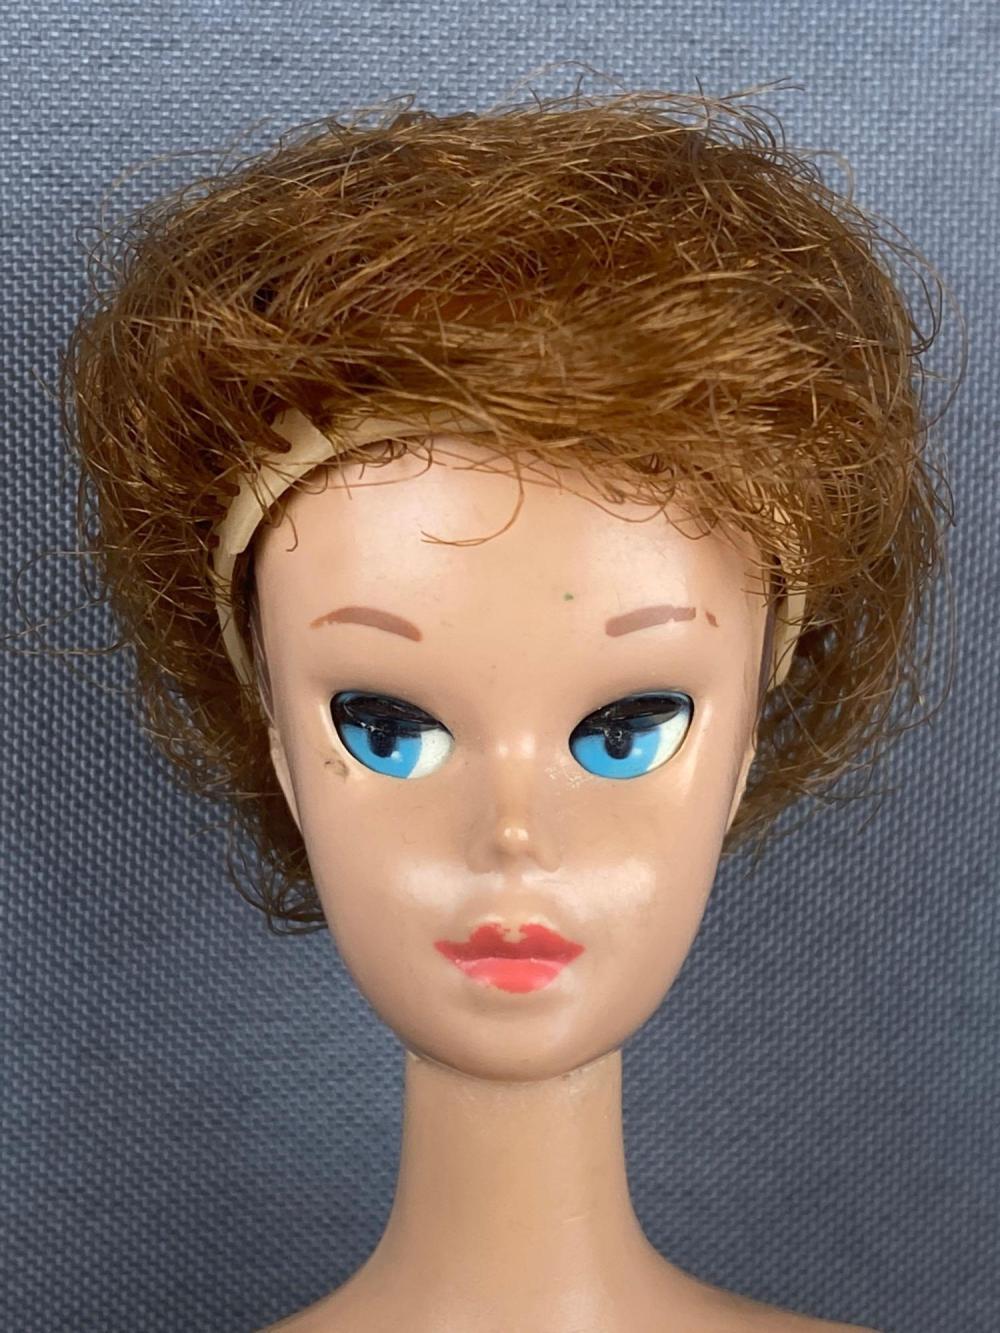 1958 Sleepy-eye Miss Barbie Fashion Doll with Wig